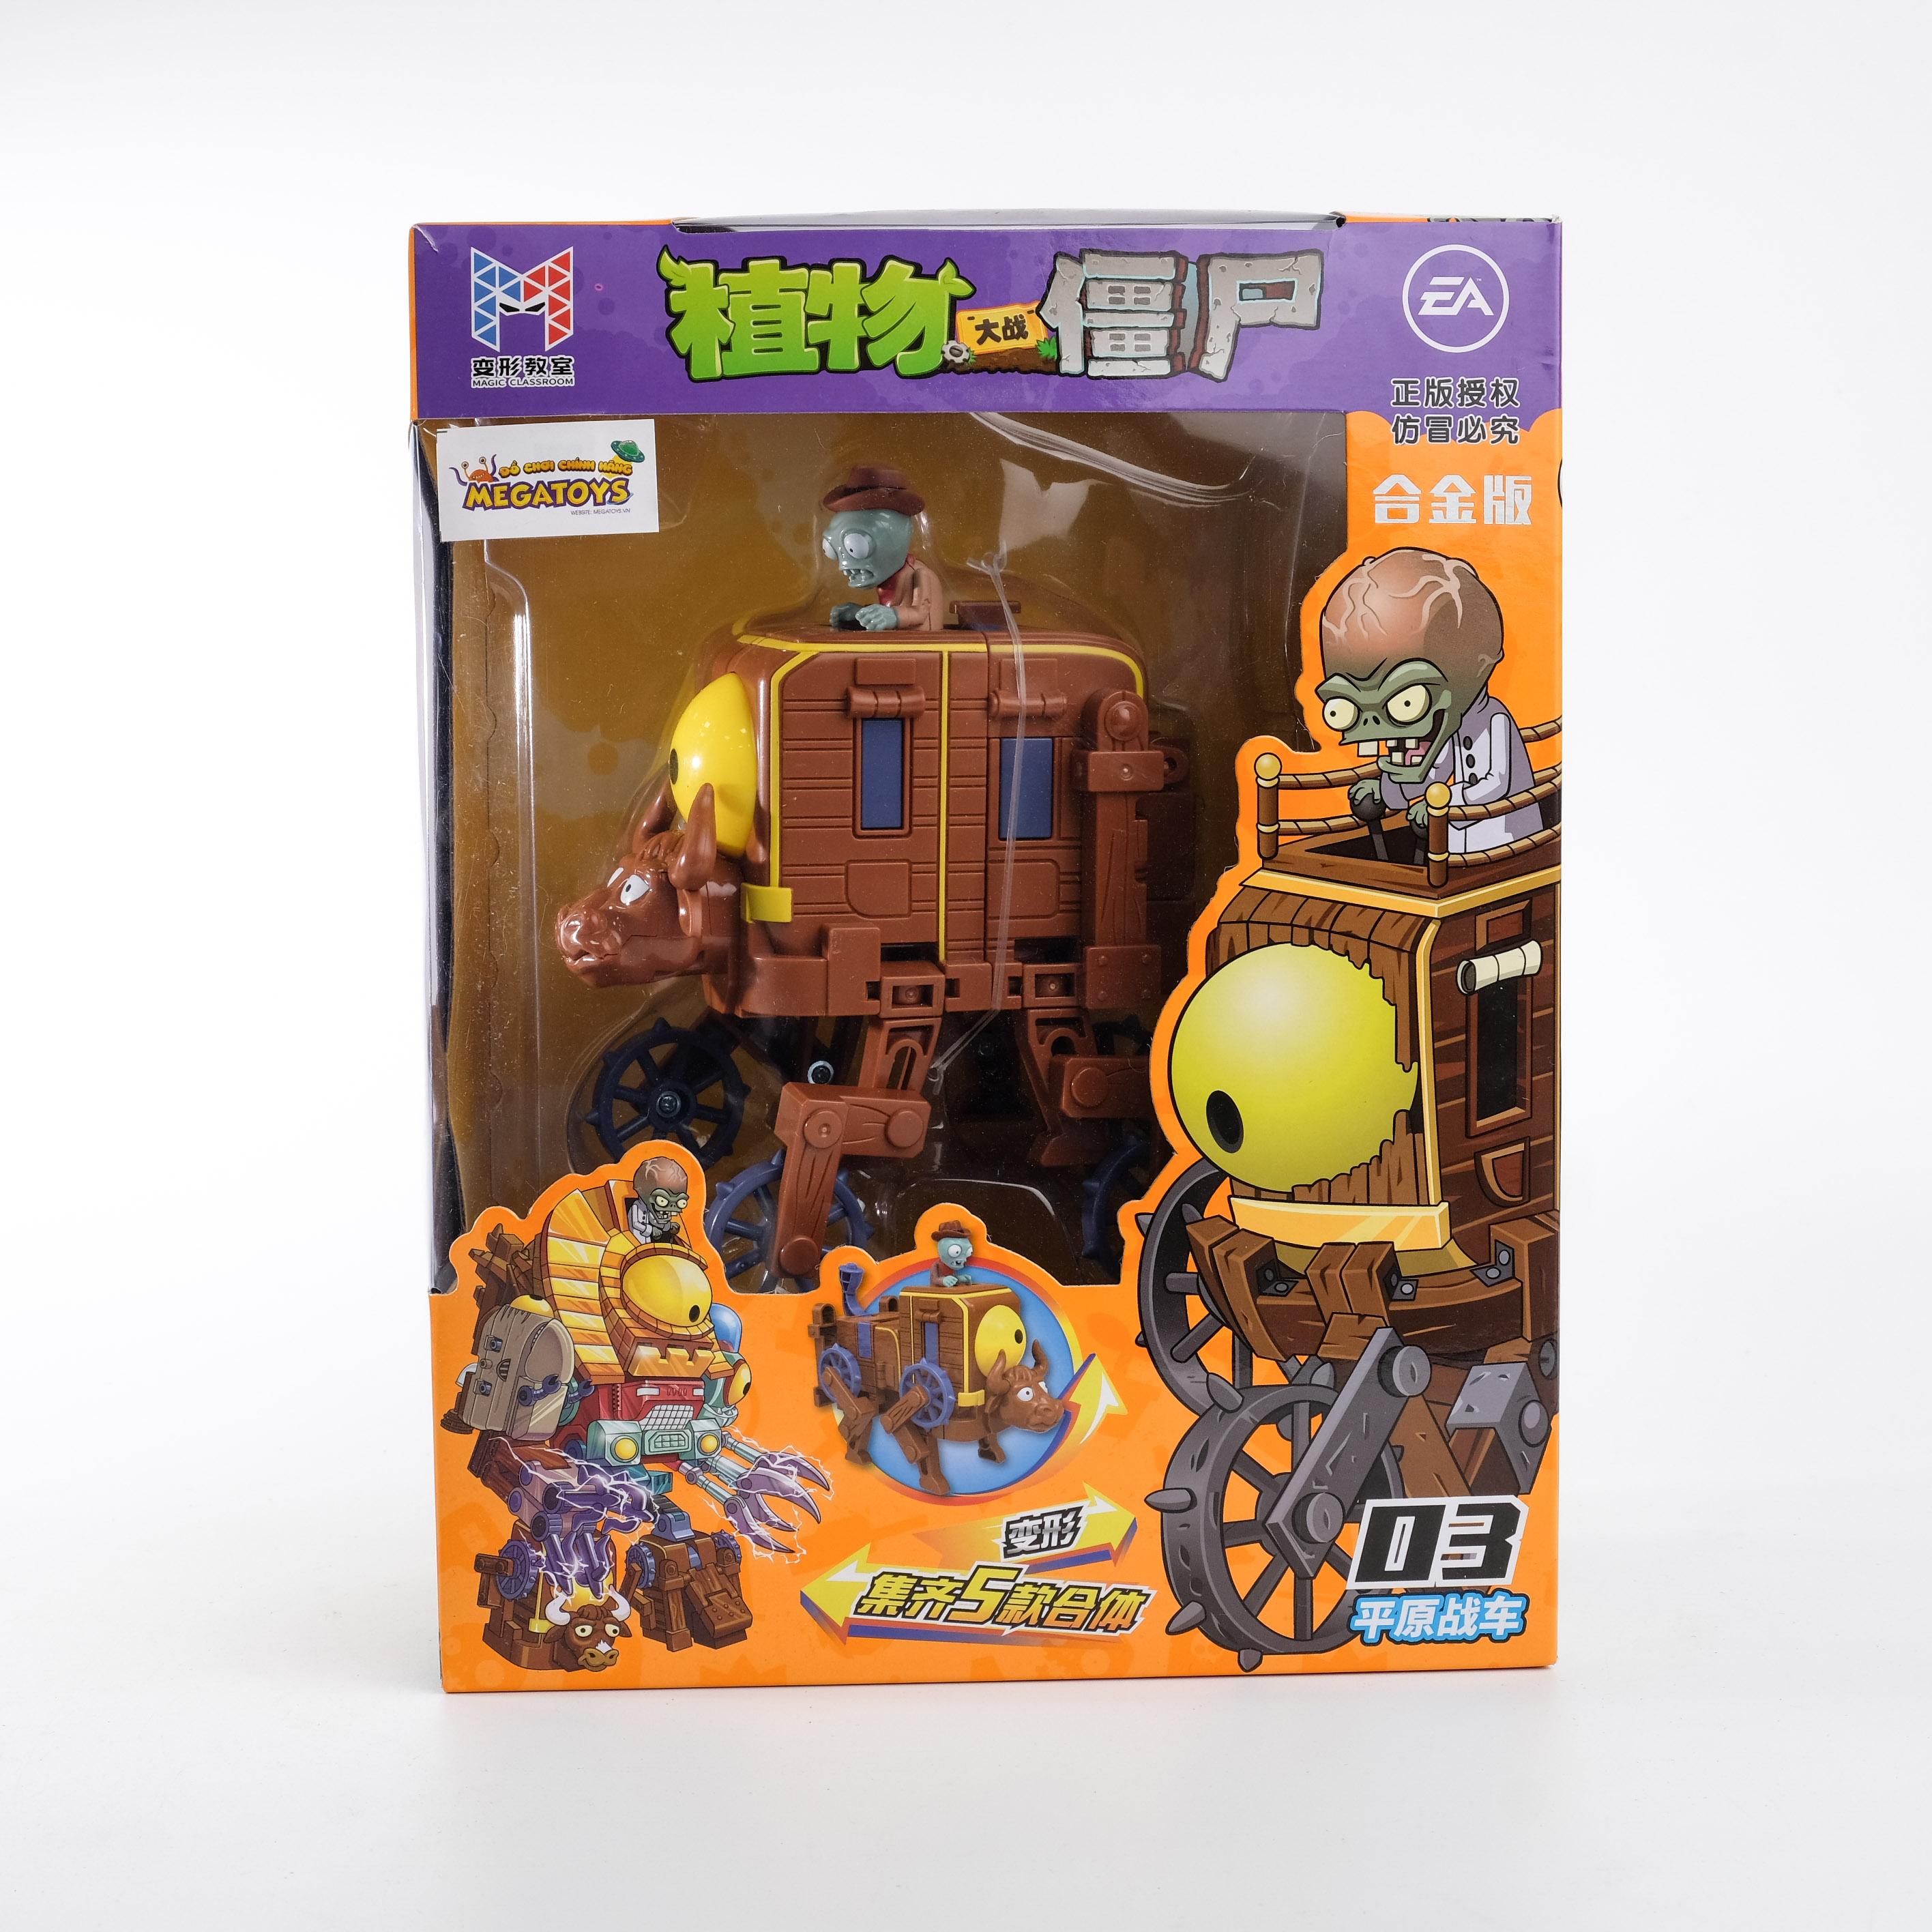 Đồ chơi sưu tầm Plants vs Zombies 1 - Zombot War Wagon (Boss , biến hình 2in1 , 5and1) 2603